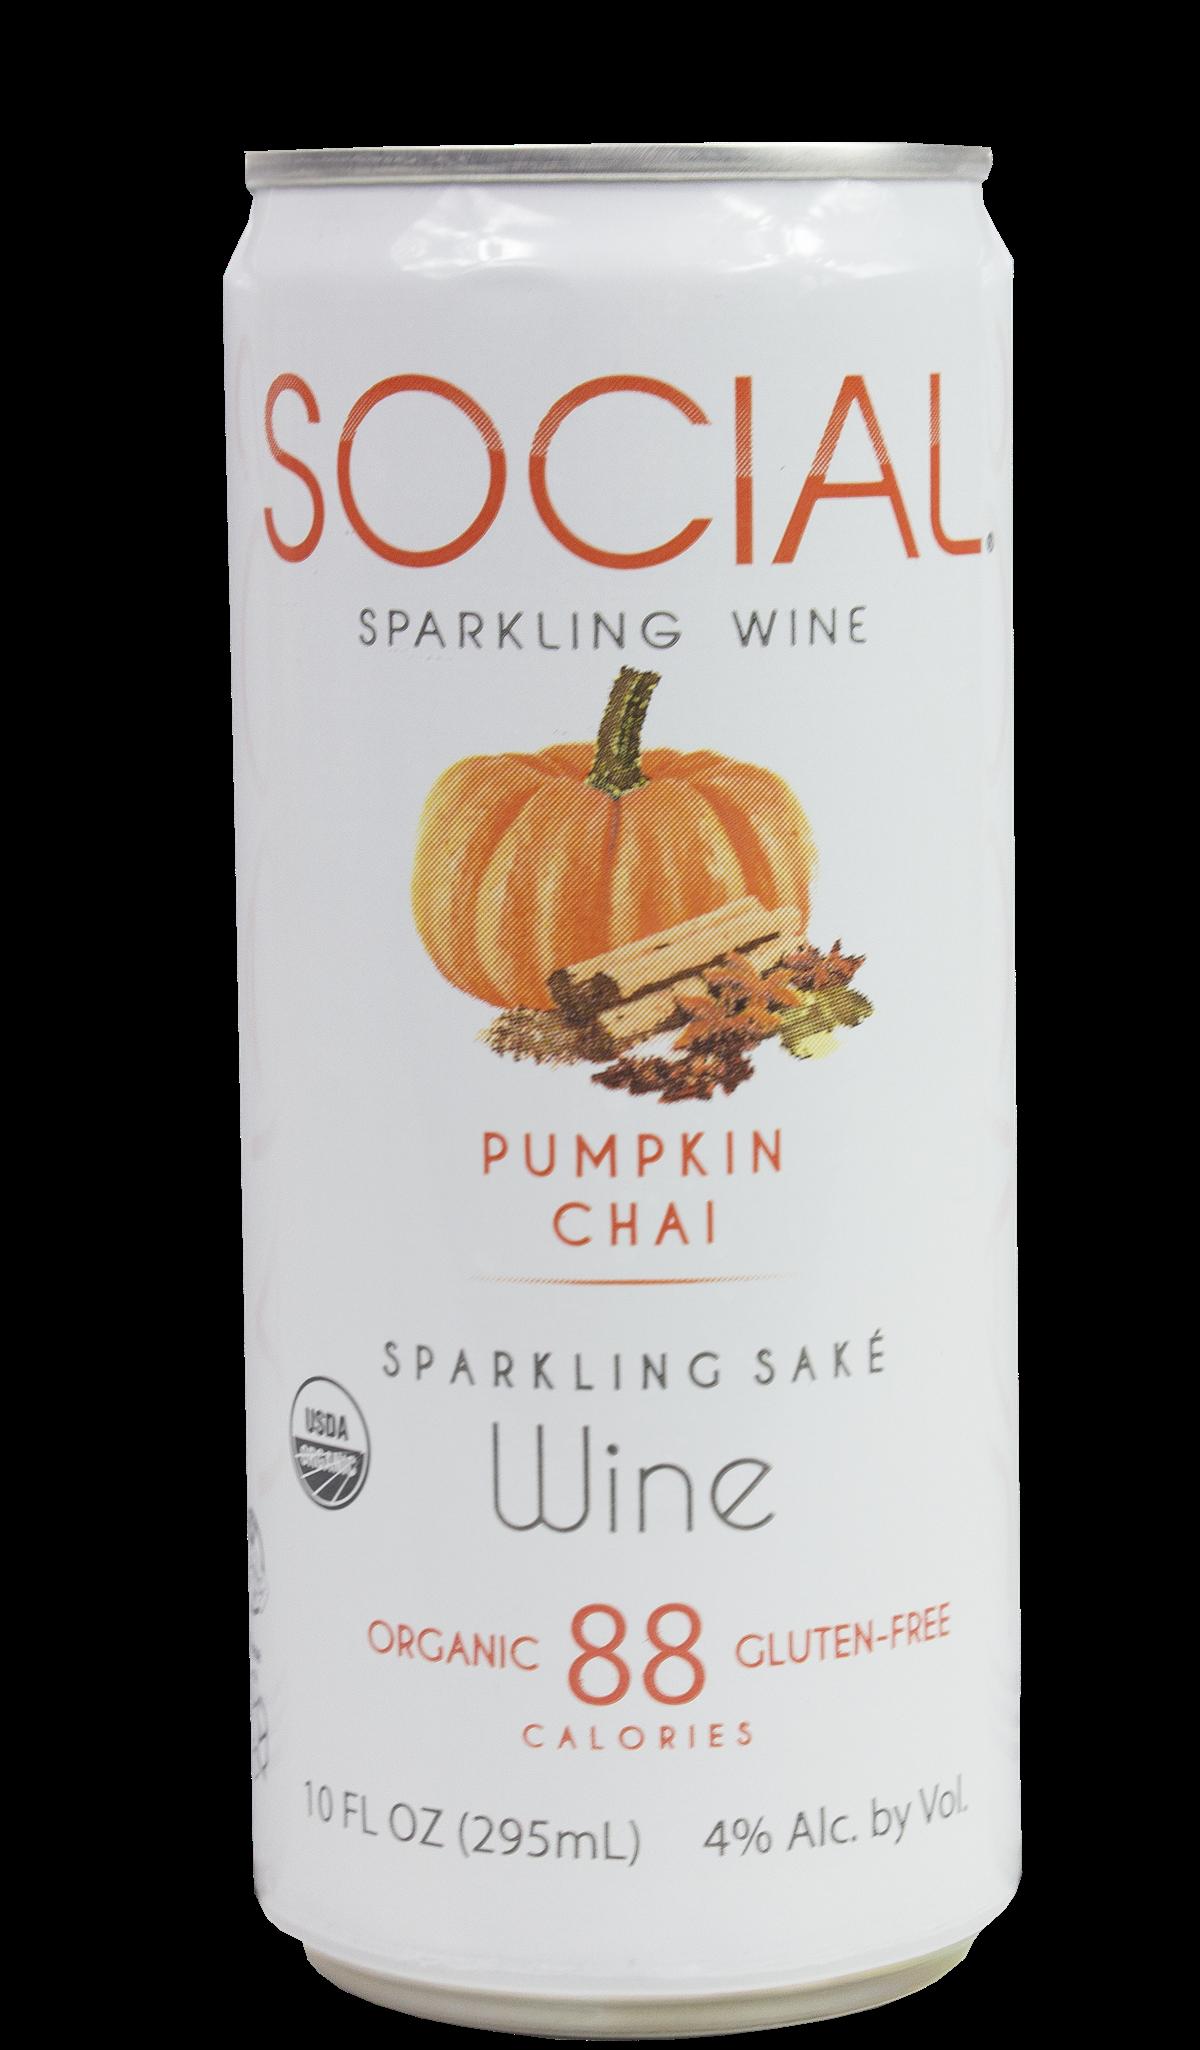 SOCIAL Pumpkin Chai Sparkling Wine